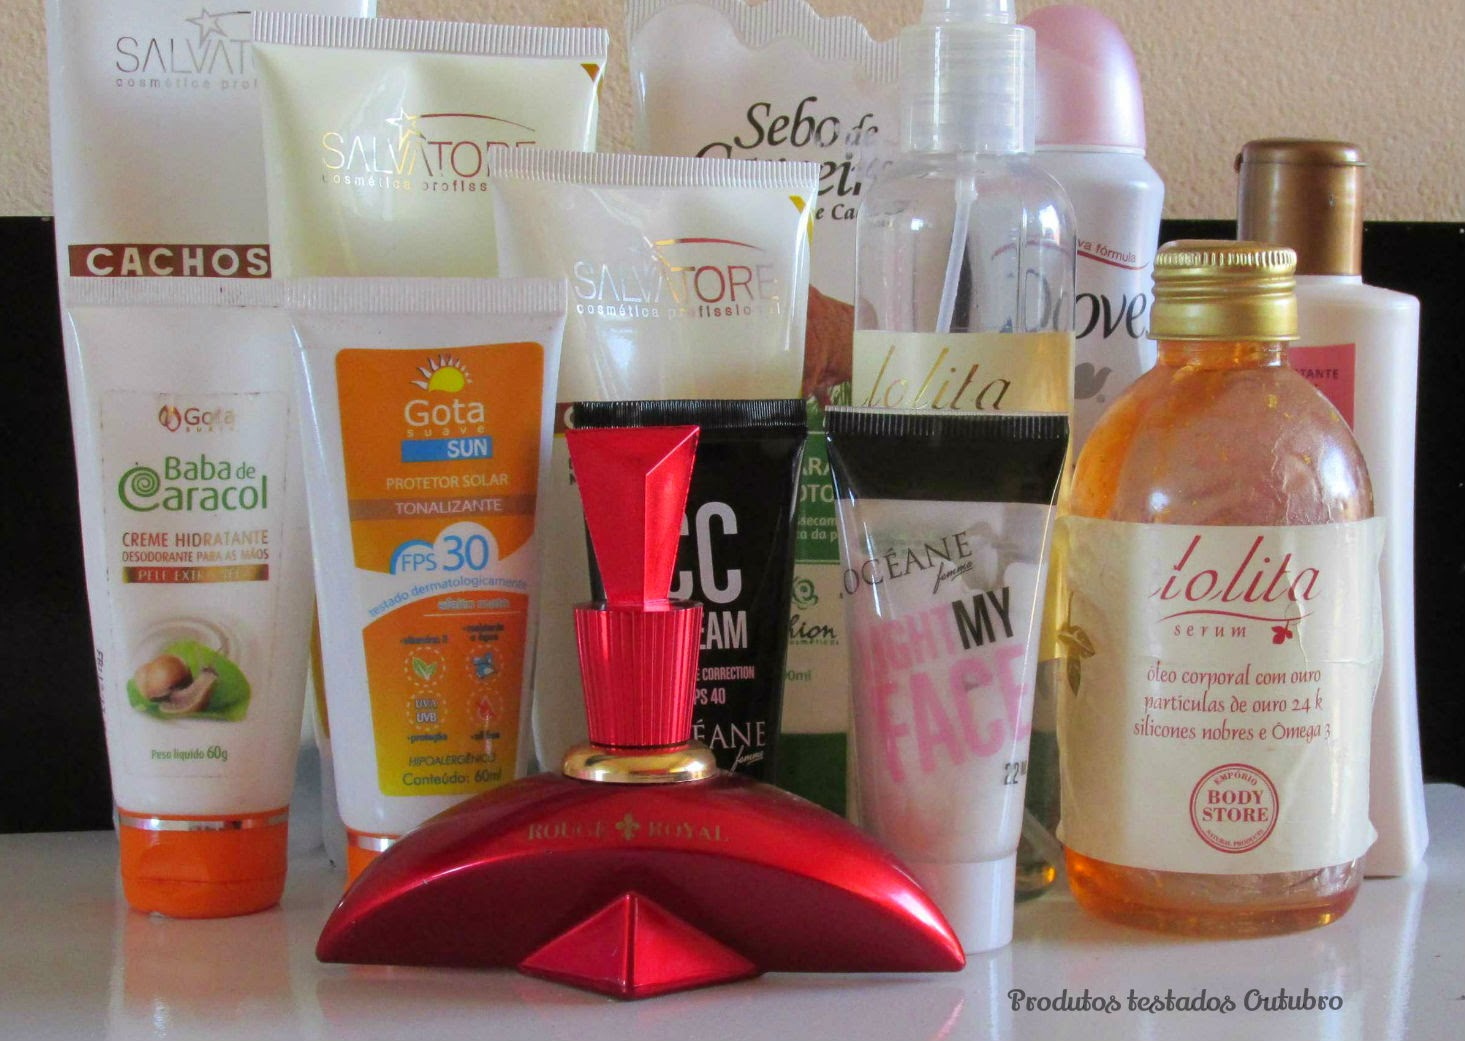 produtos de beleza-dicas de beleza-cosméticos-produtos para cabelos-produtos profissionais para cabelos-produtos para cabelos cacheados-marina de bourbon-rouge royal-perfumes-importados feminino-